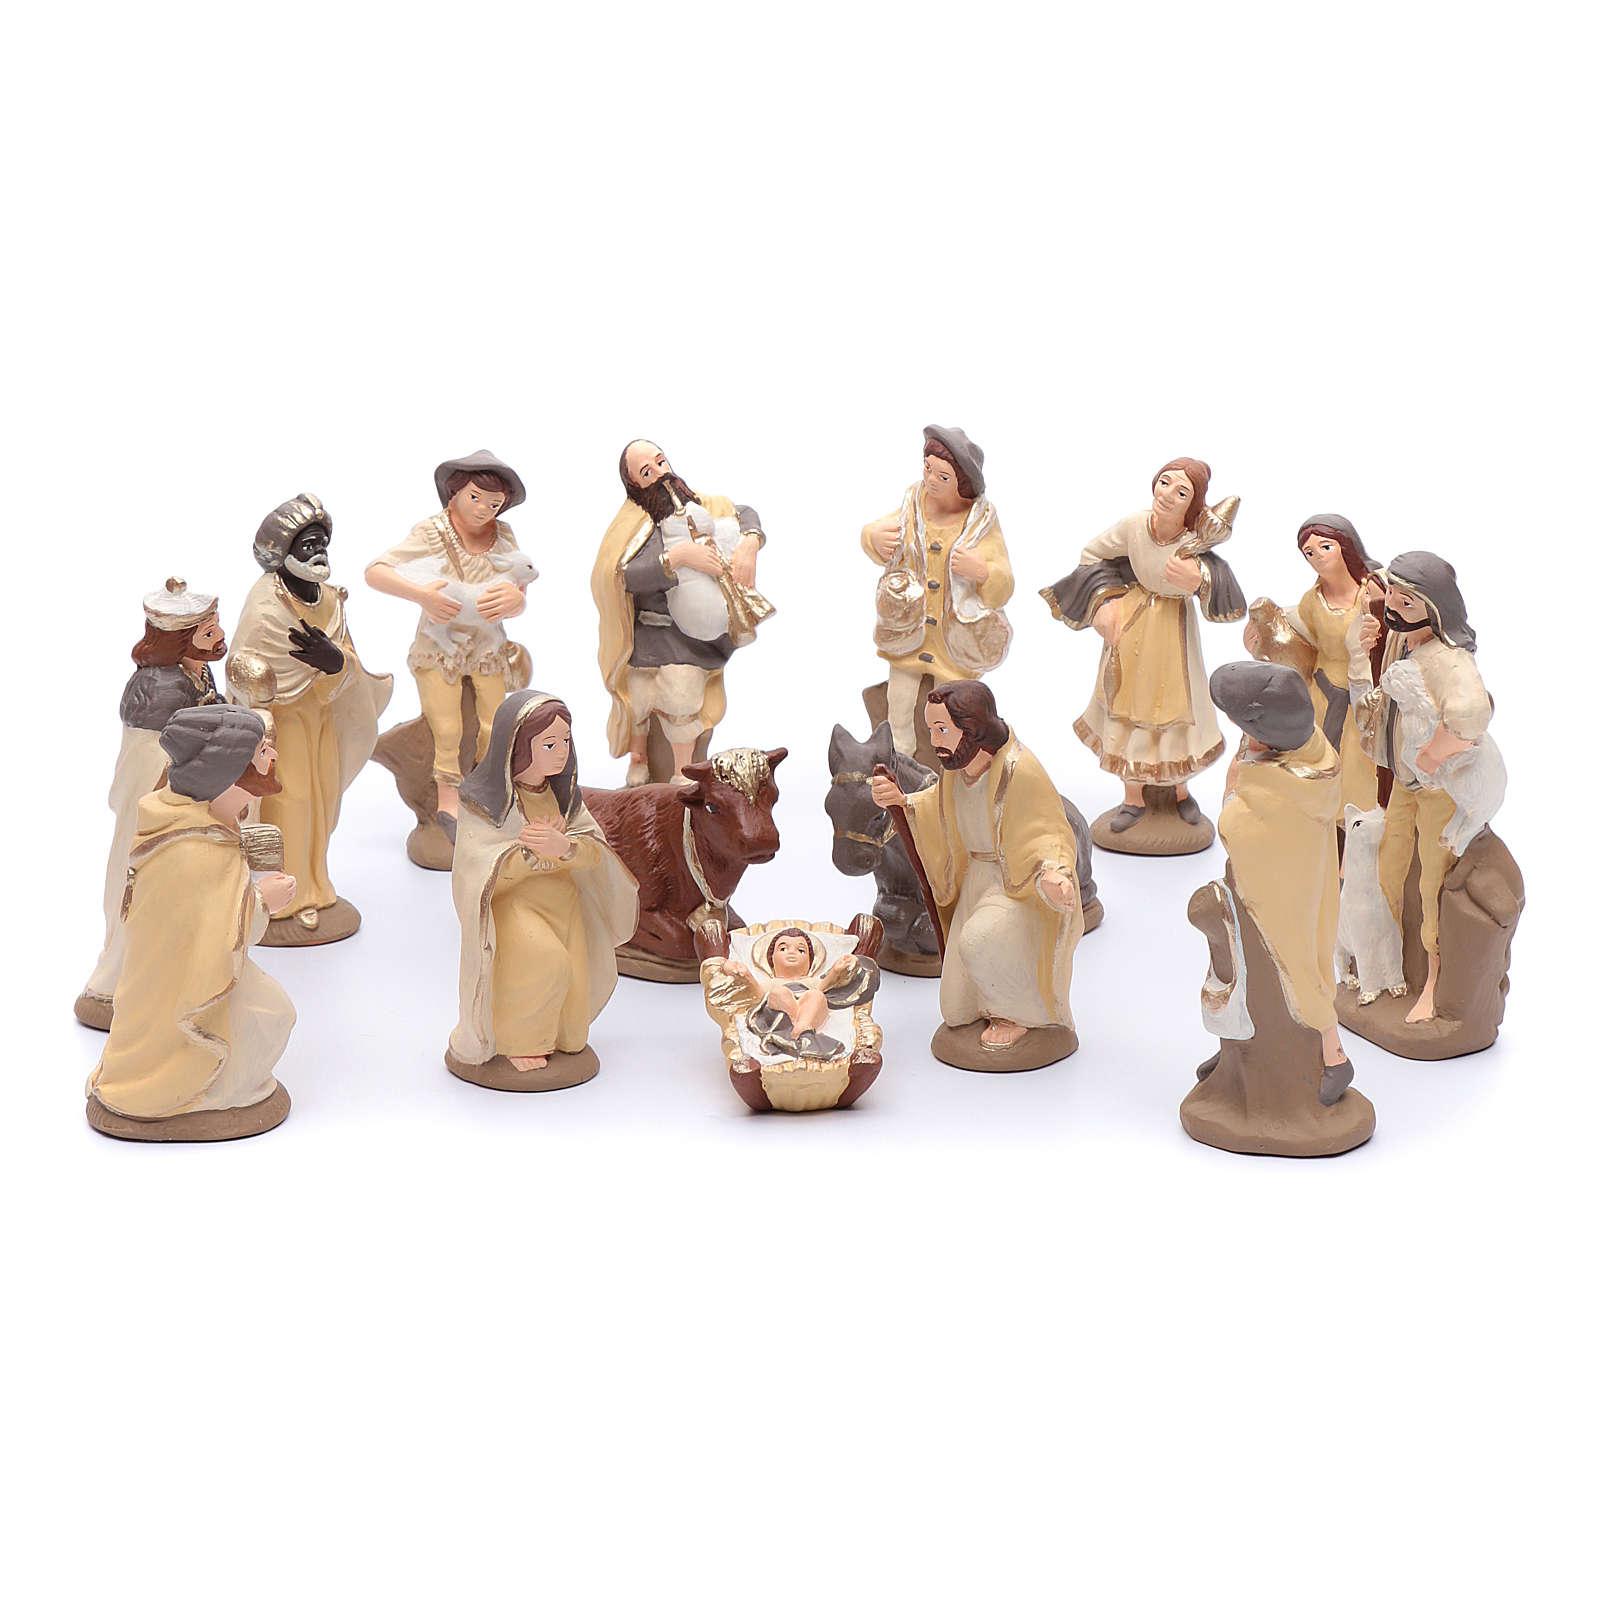 Presepe terracotta decorata mod. elegante 15 statuine 15 cm 4